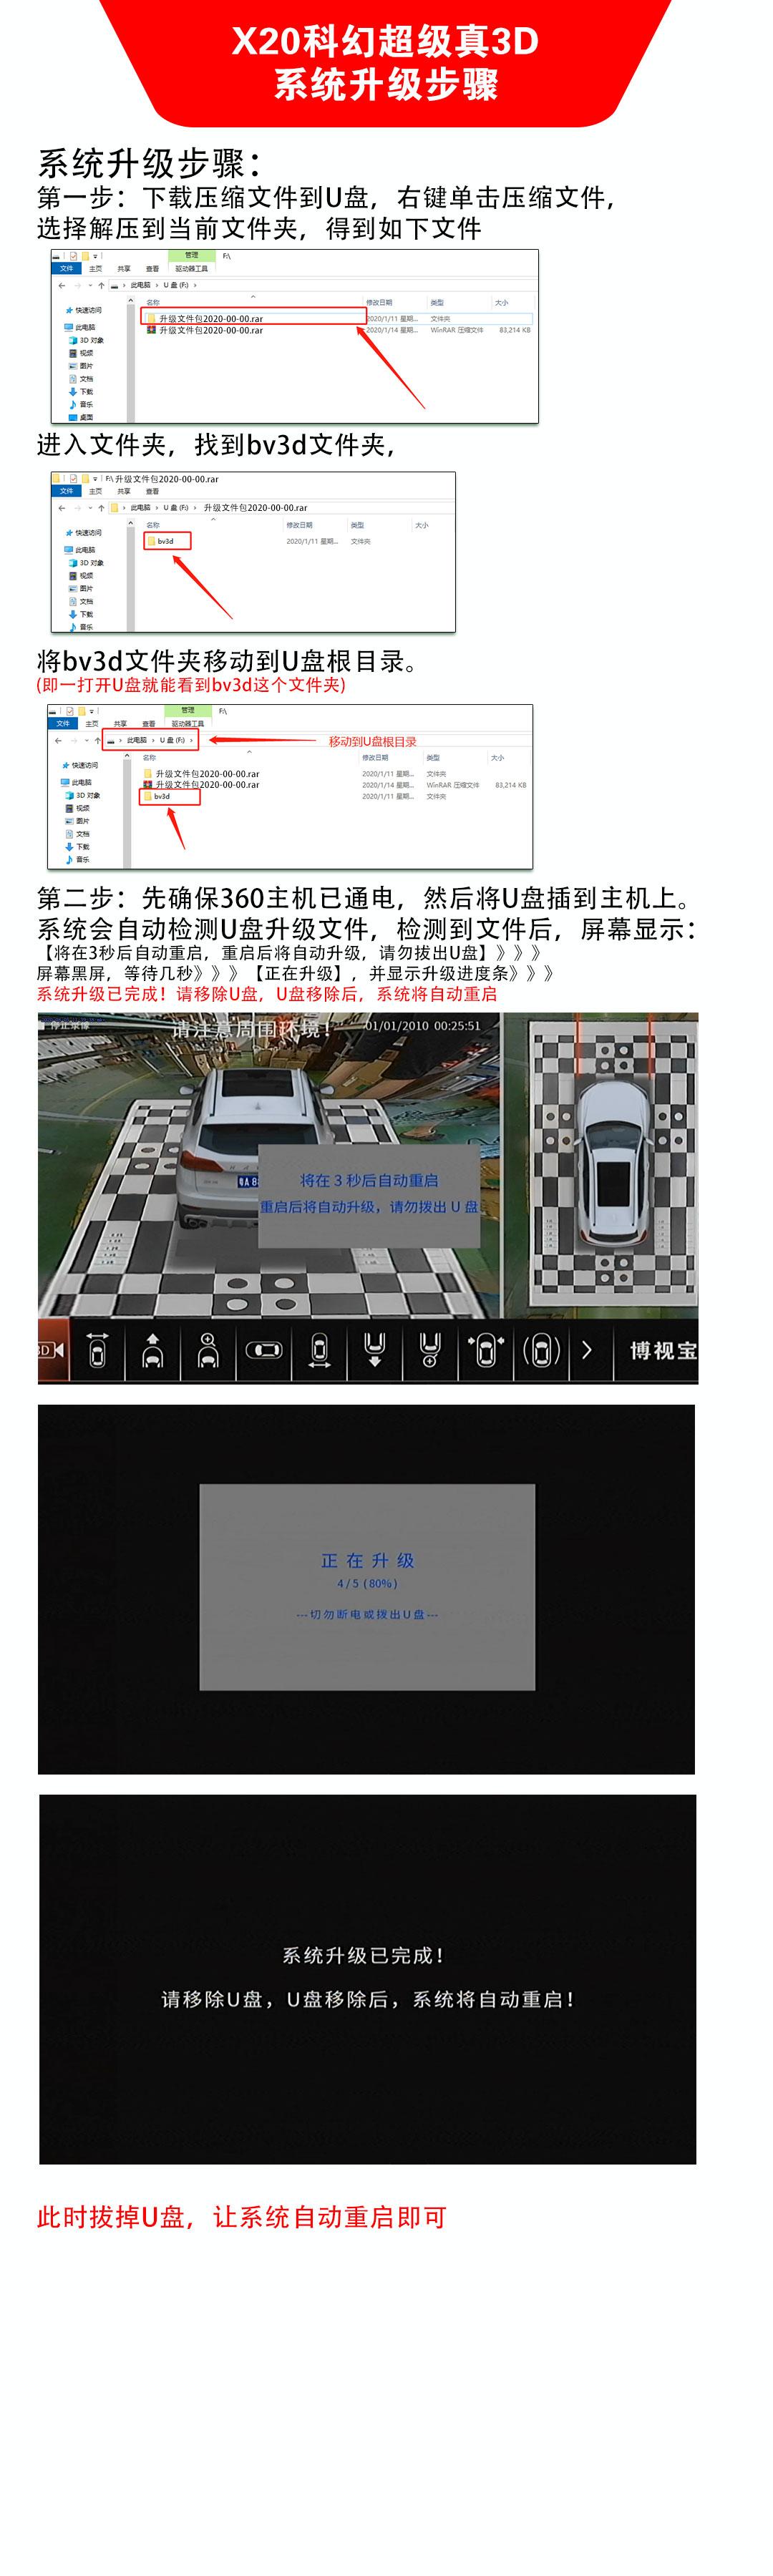 X20系統升級說明.jpg